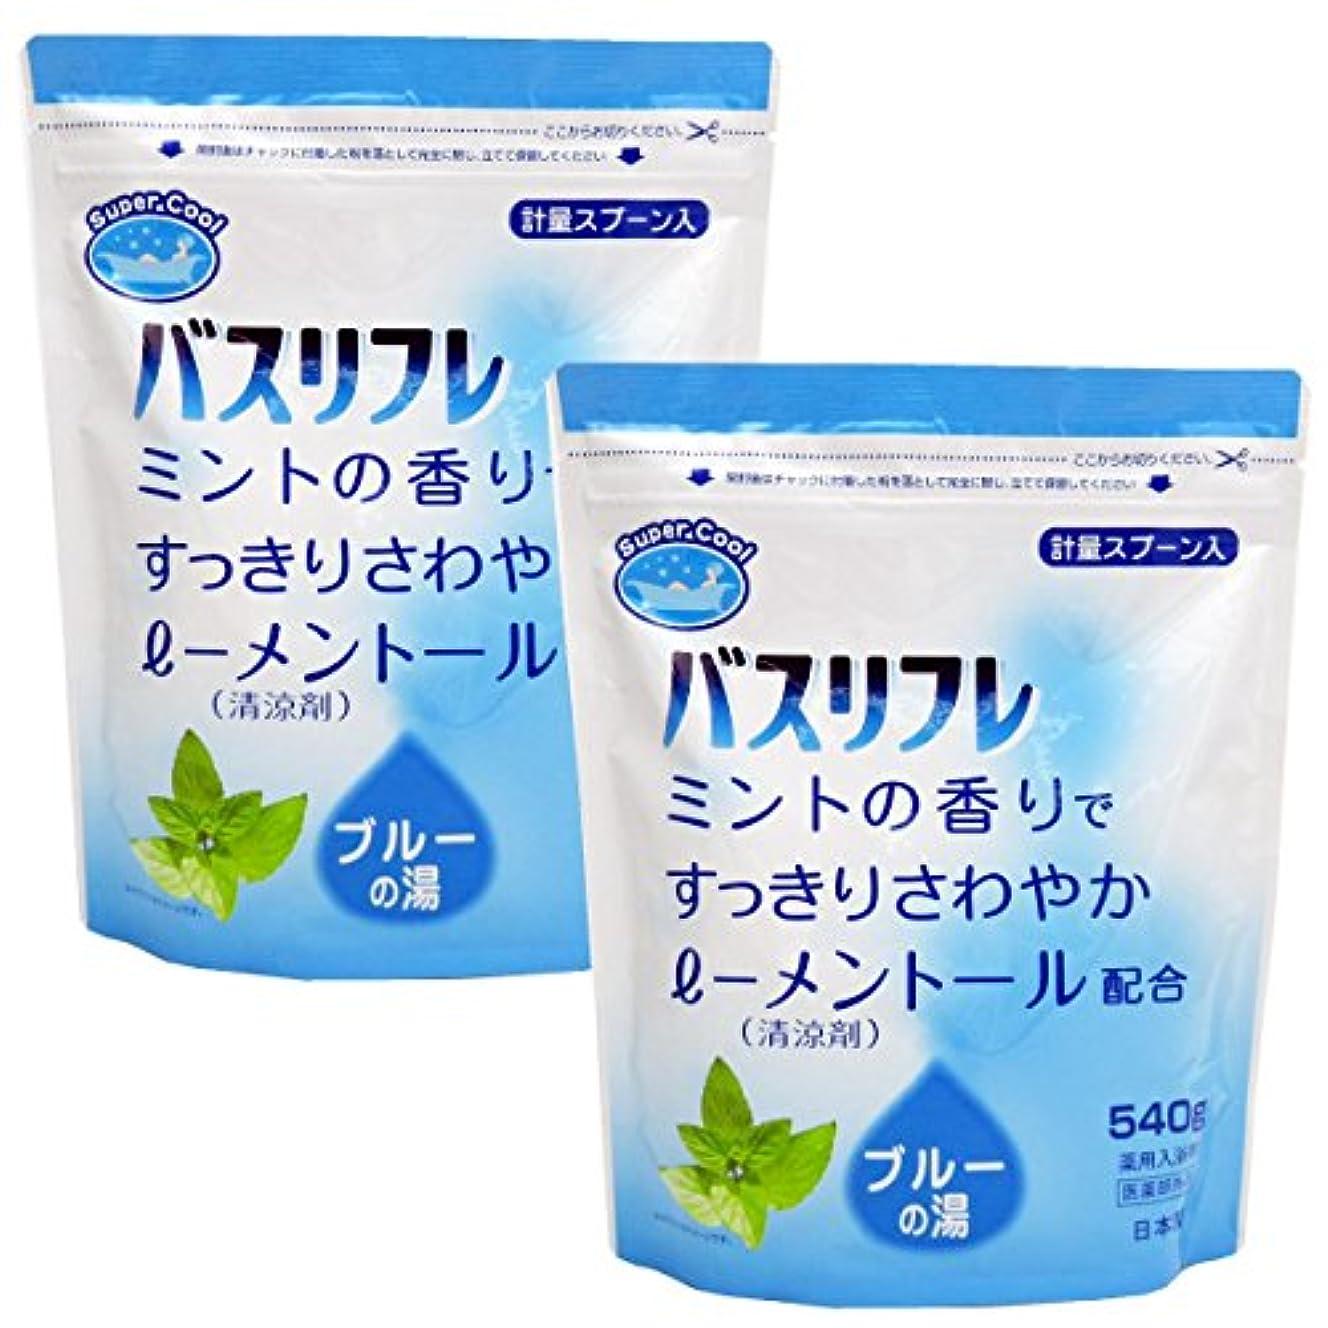 ジョージエリオットボリューム十分な入浴剤 クール 薬用入浴剤 バスリフレ スーパークール540g×2個セット 日本製